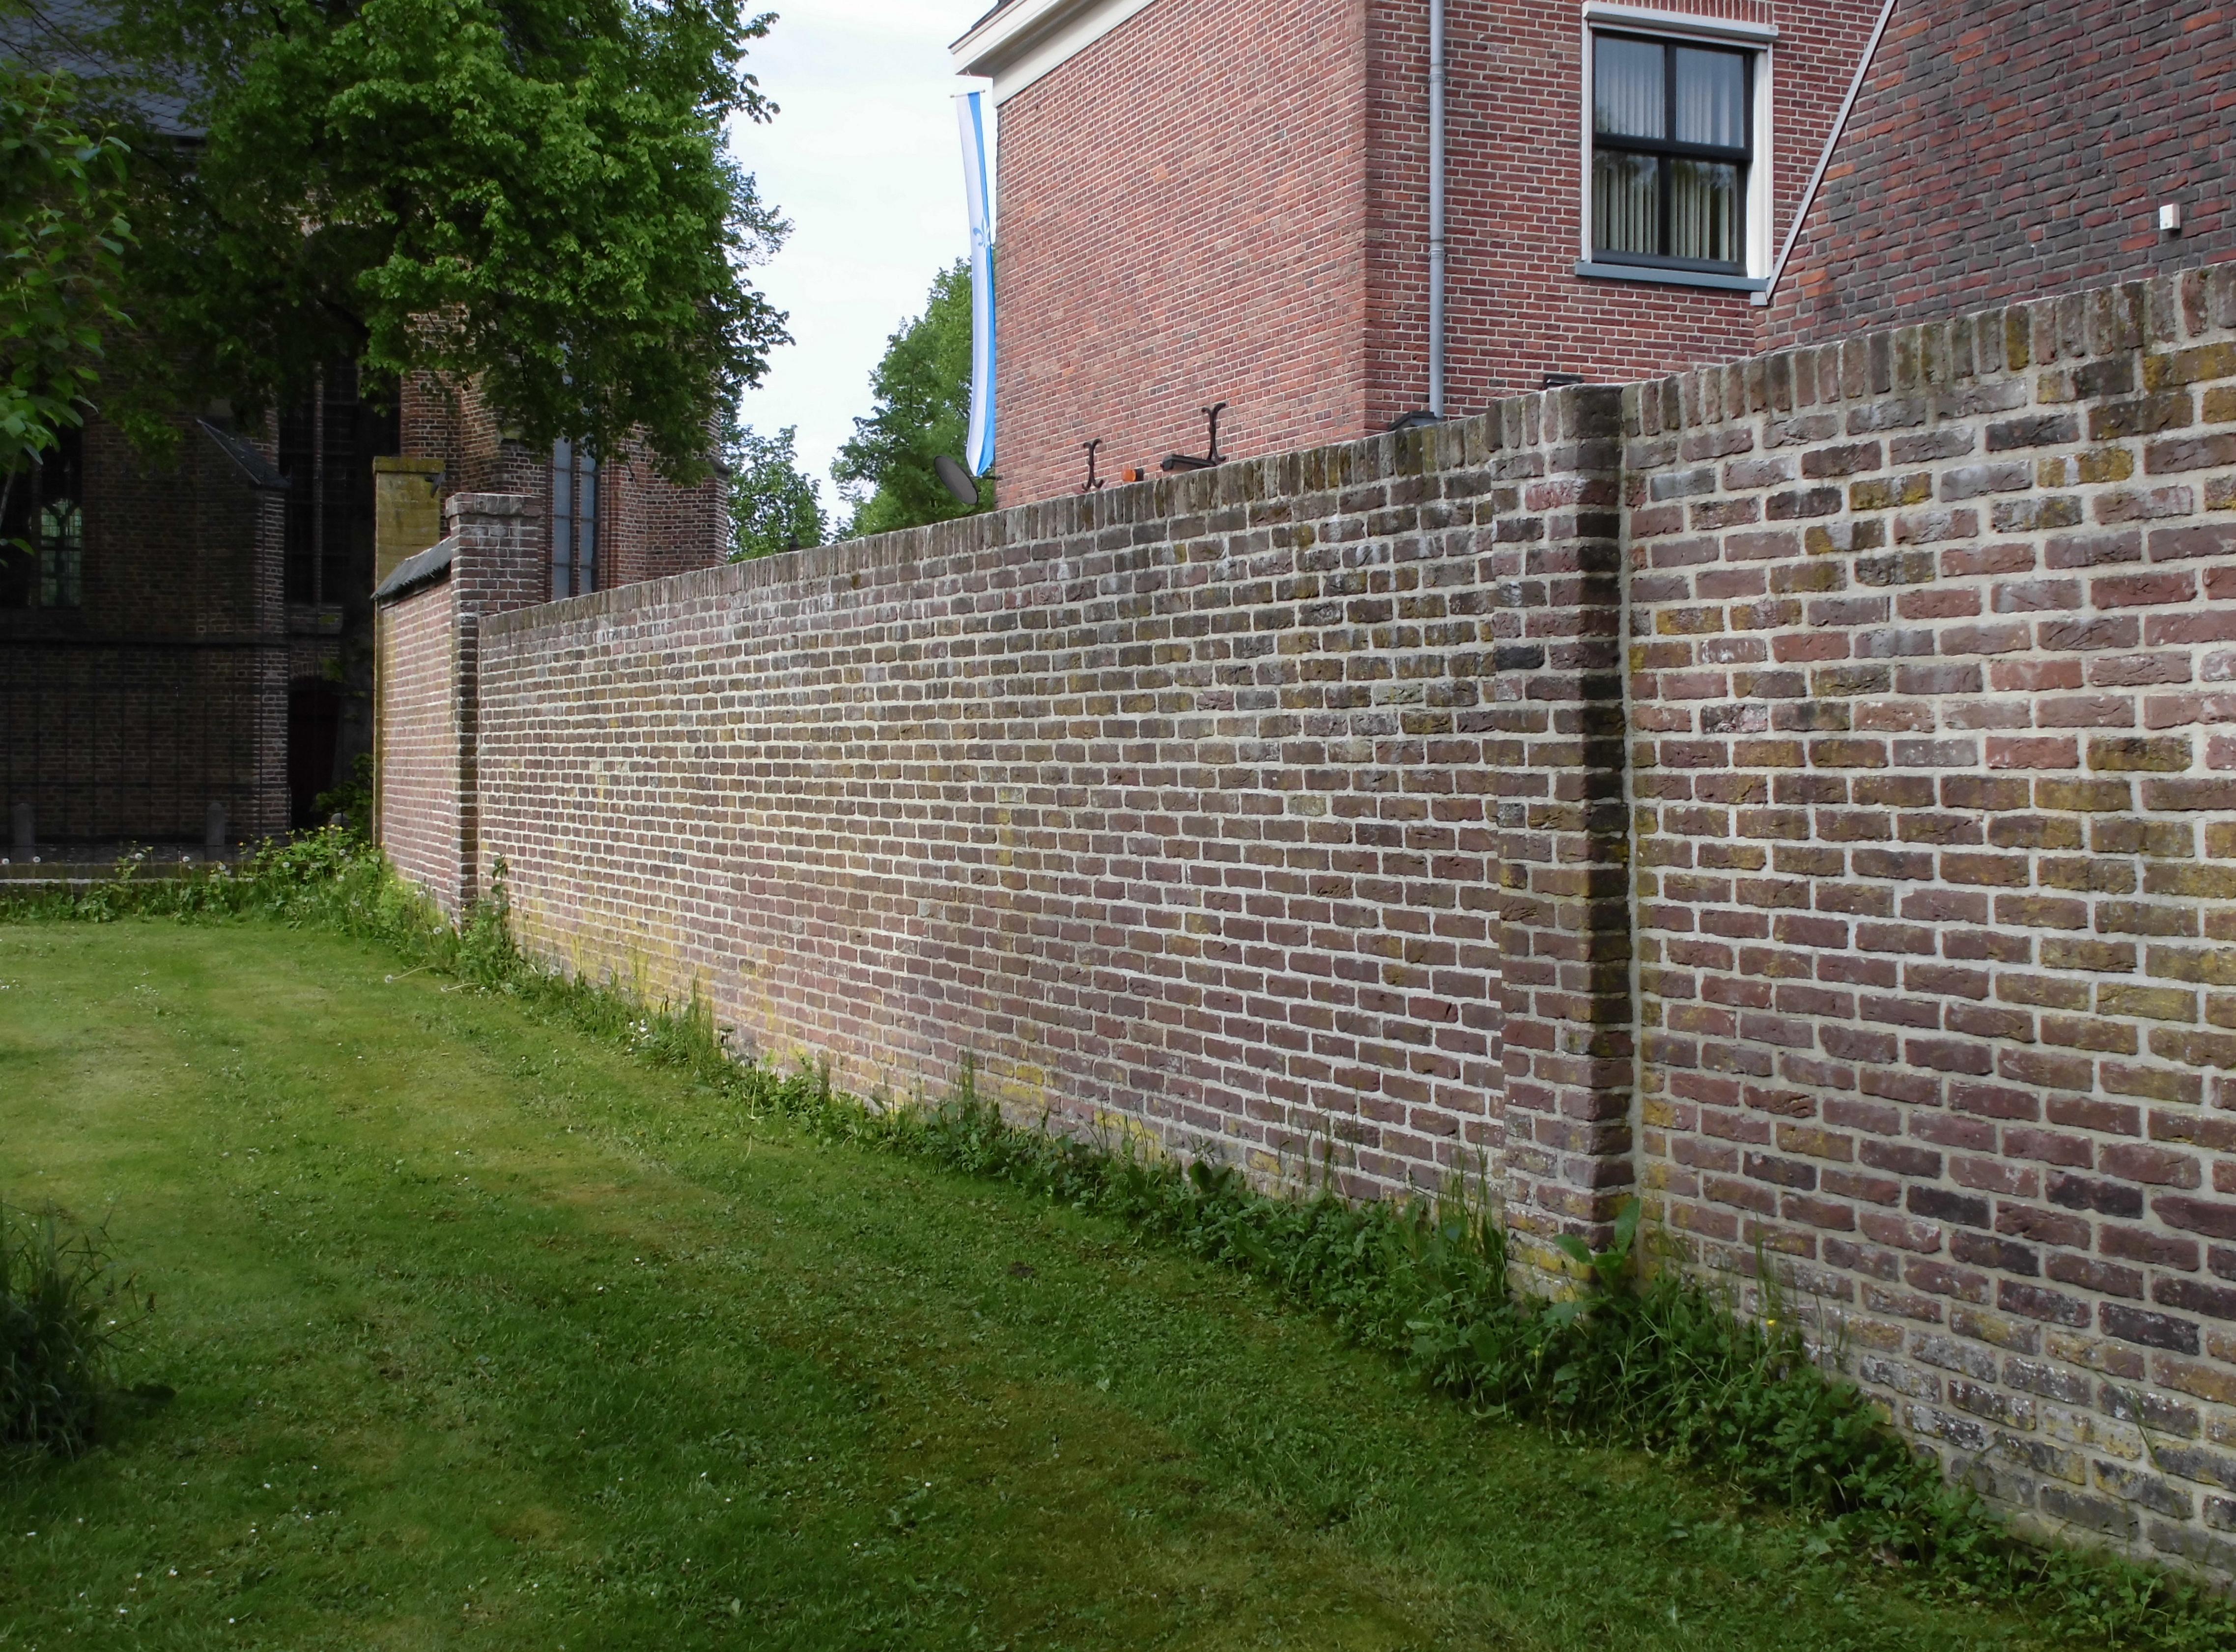 Stenen Muur Voortuin : Muurtje metselen voortuin awesome natuurlijke kleine tuin